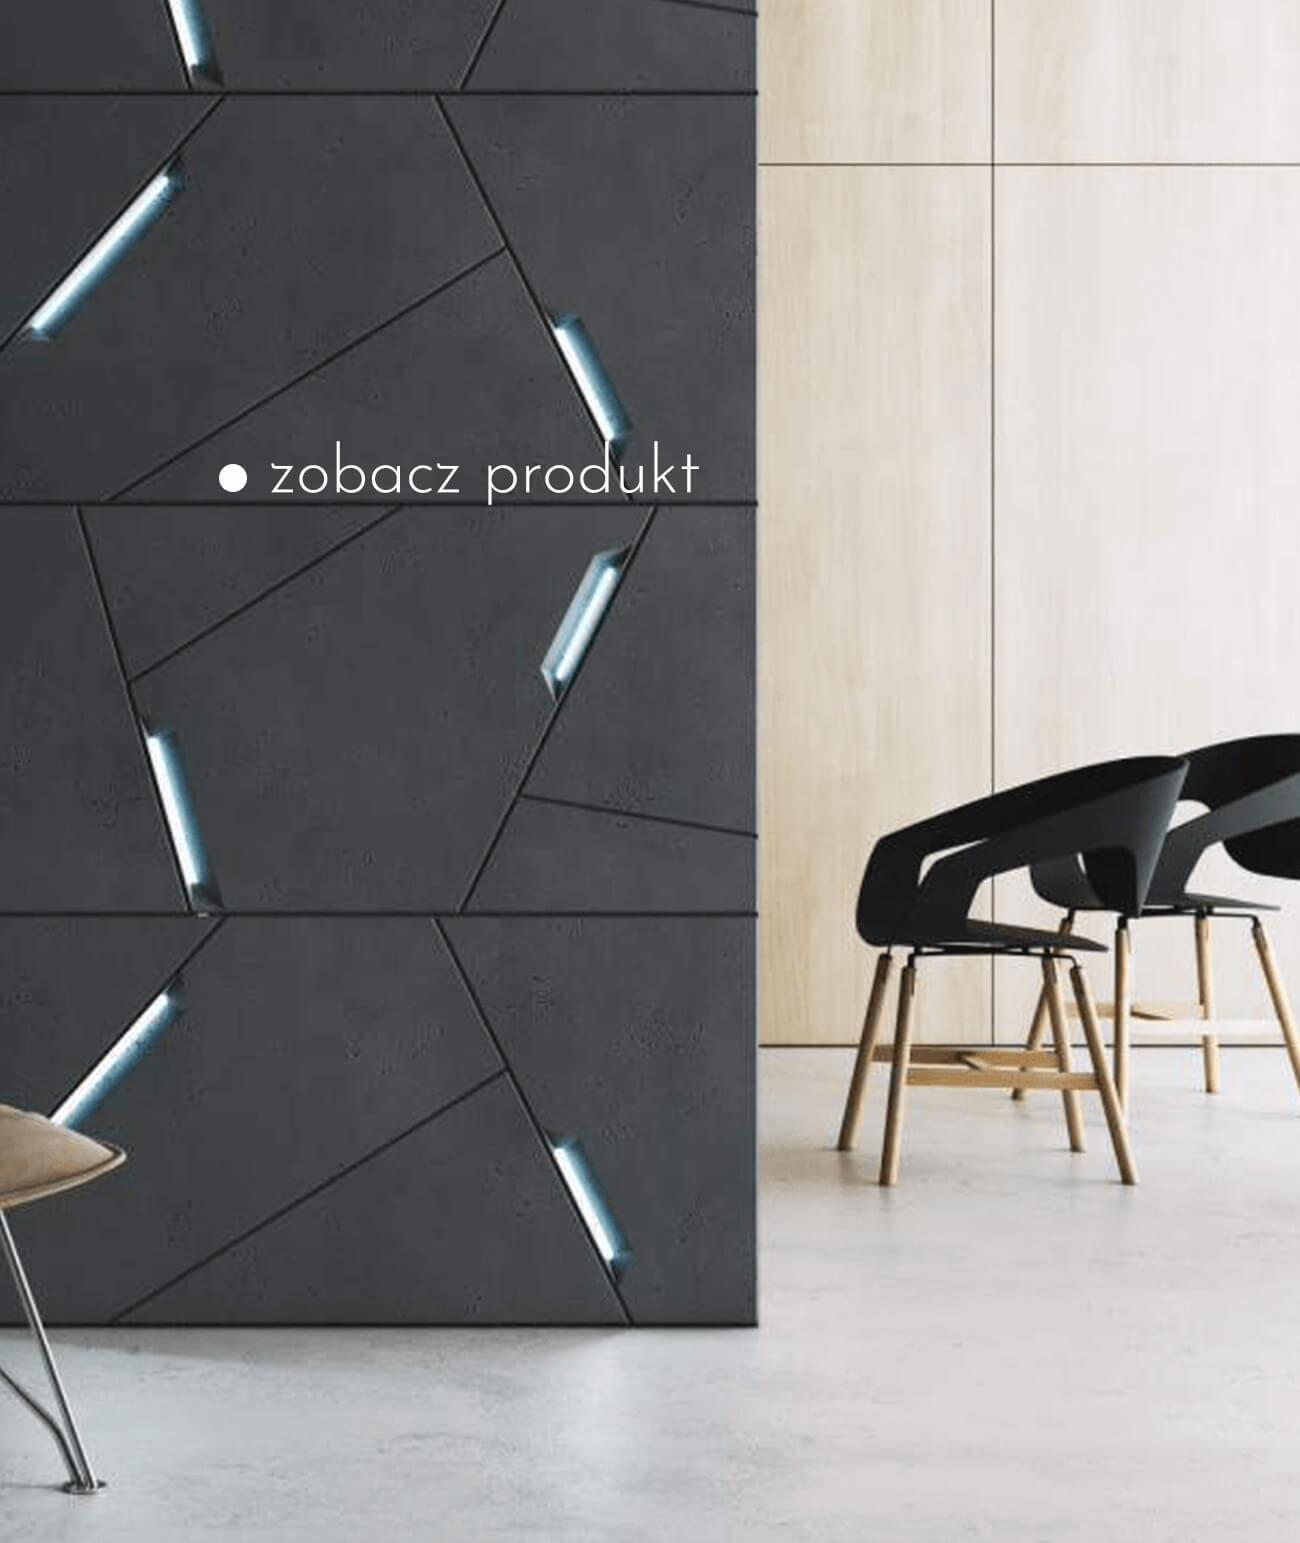 panele-betonowe-3d-scienne-i-elewacyjne-beton-architektoniczny_522-2891-pb18-b15-czarny-space---panel-dekor-3d-beton-architektoniczny-panel-scienny